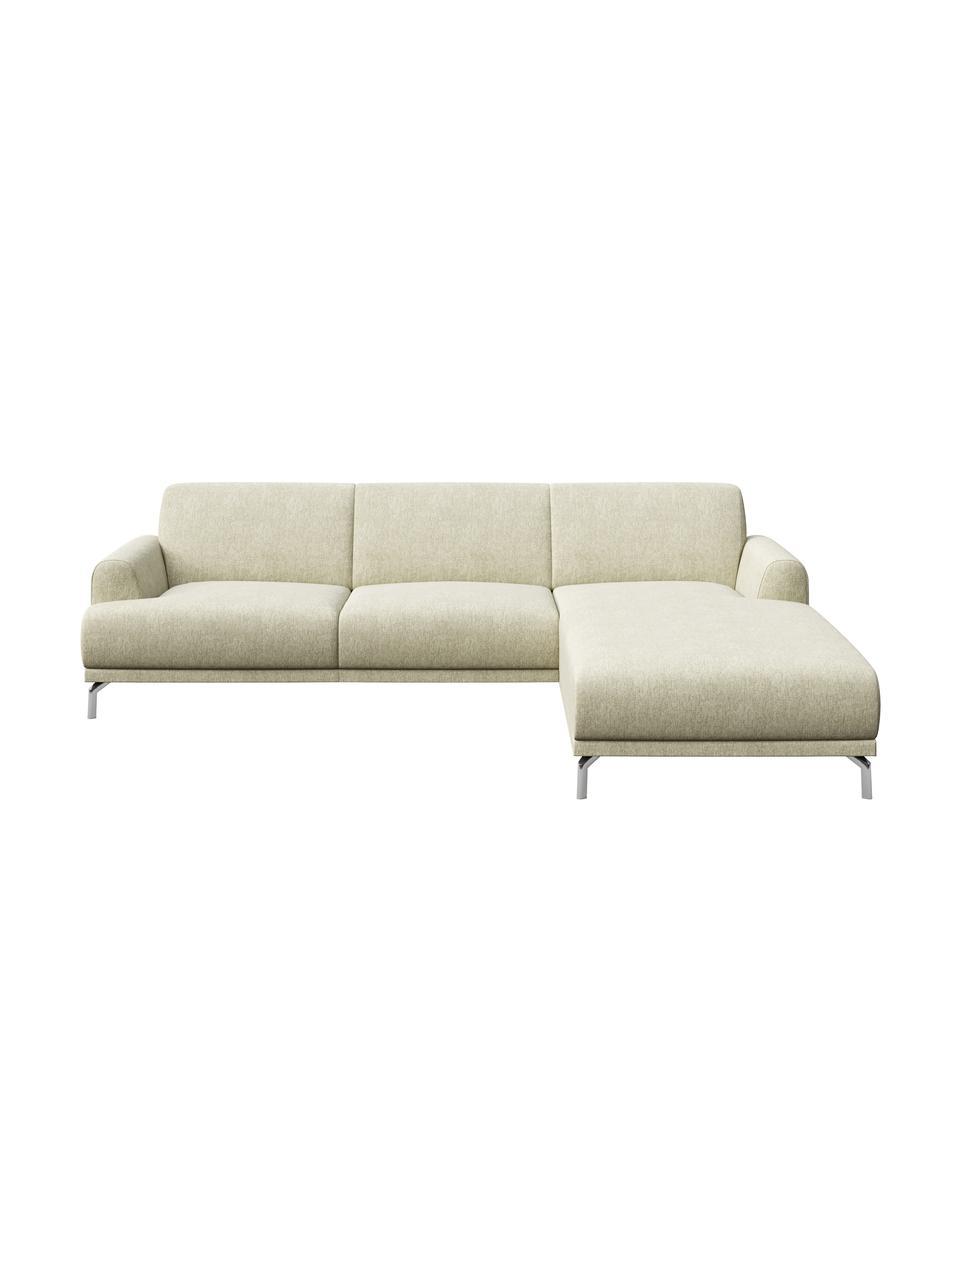 Sofa narożna Puzo, Tapicerka: 100% poliester, Nogi: metal lakierowany, Jasny beżowy, S 240 x G 165 cm